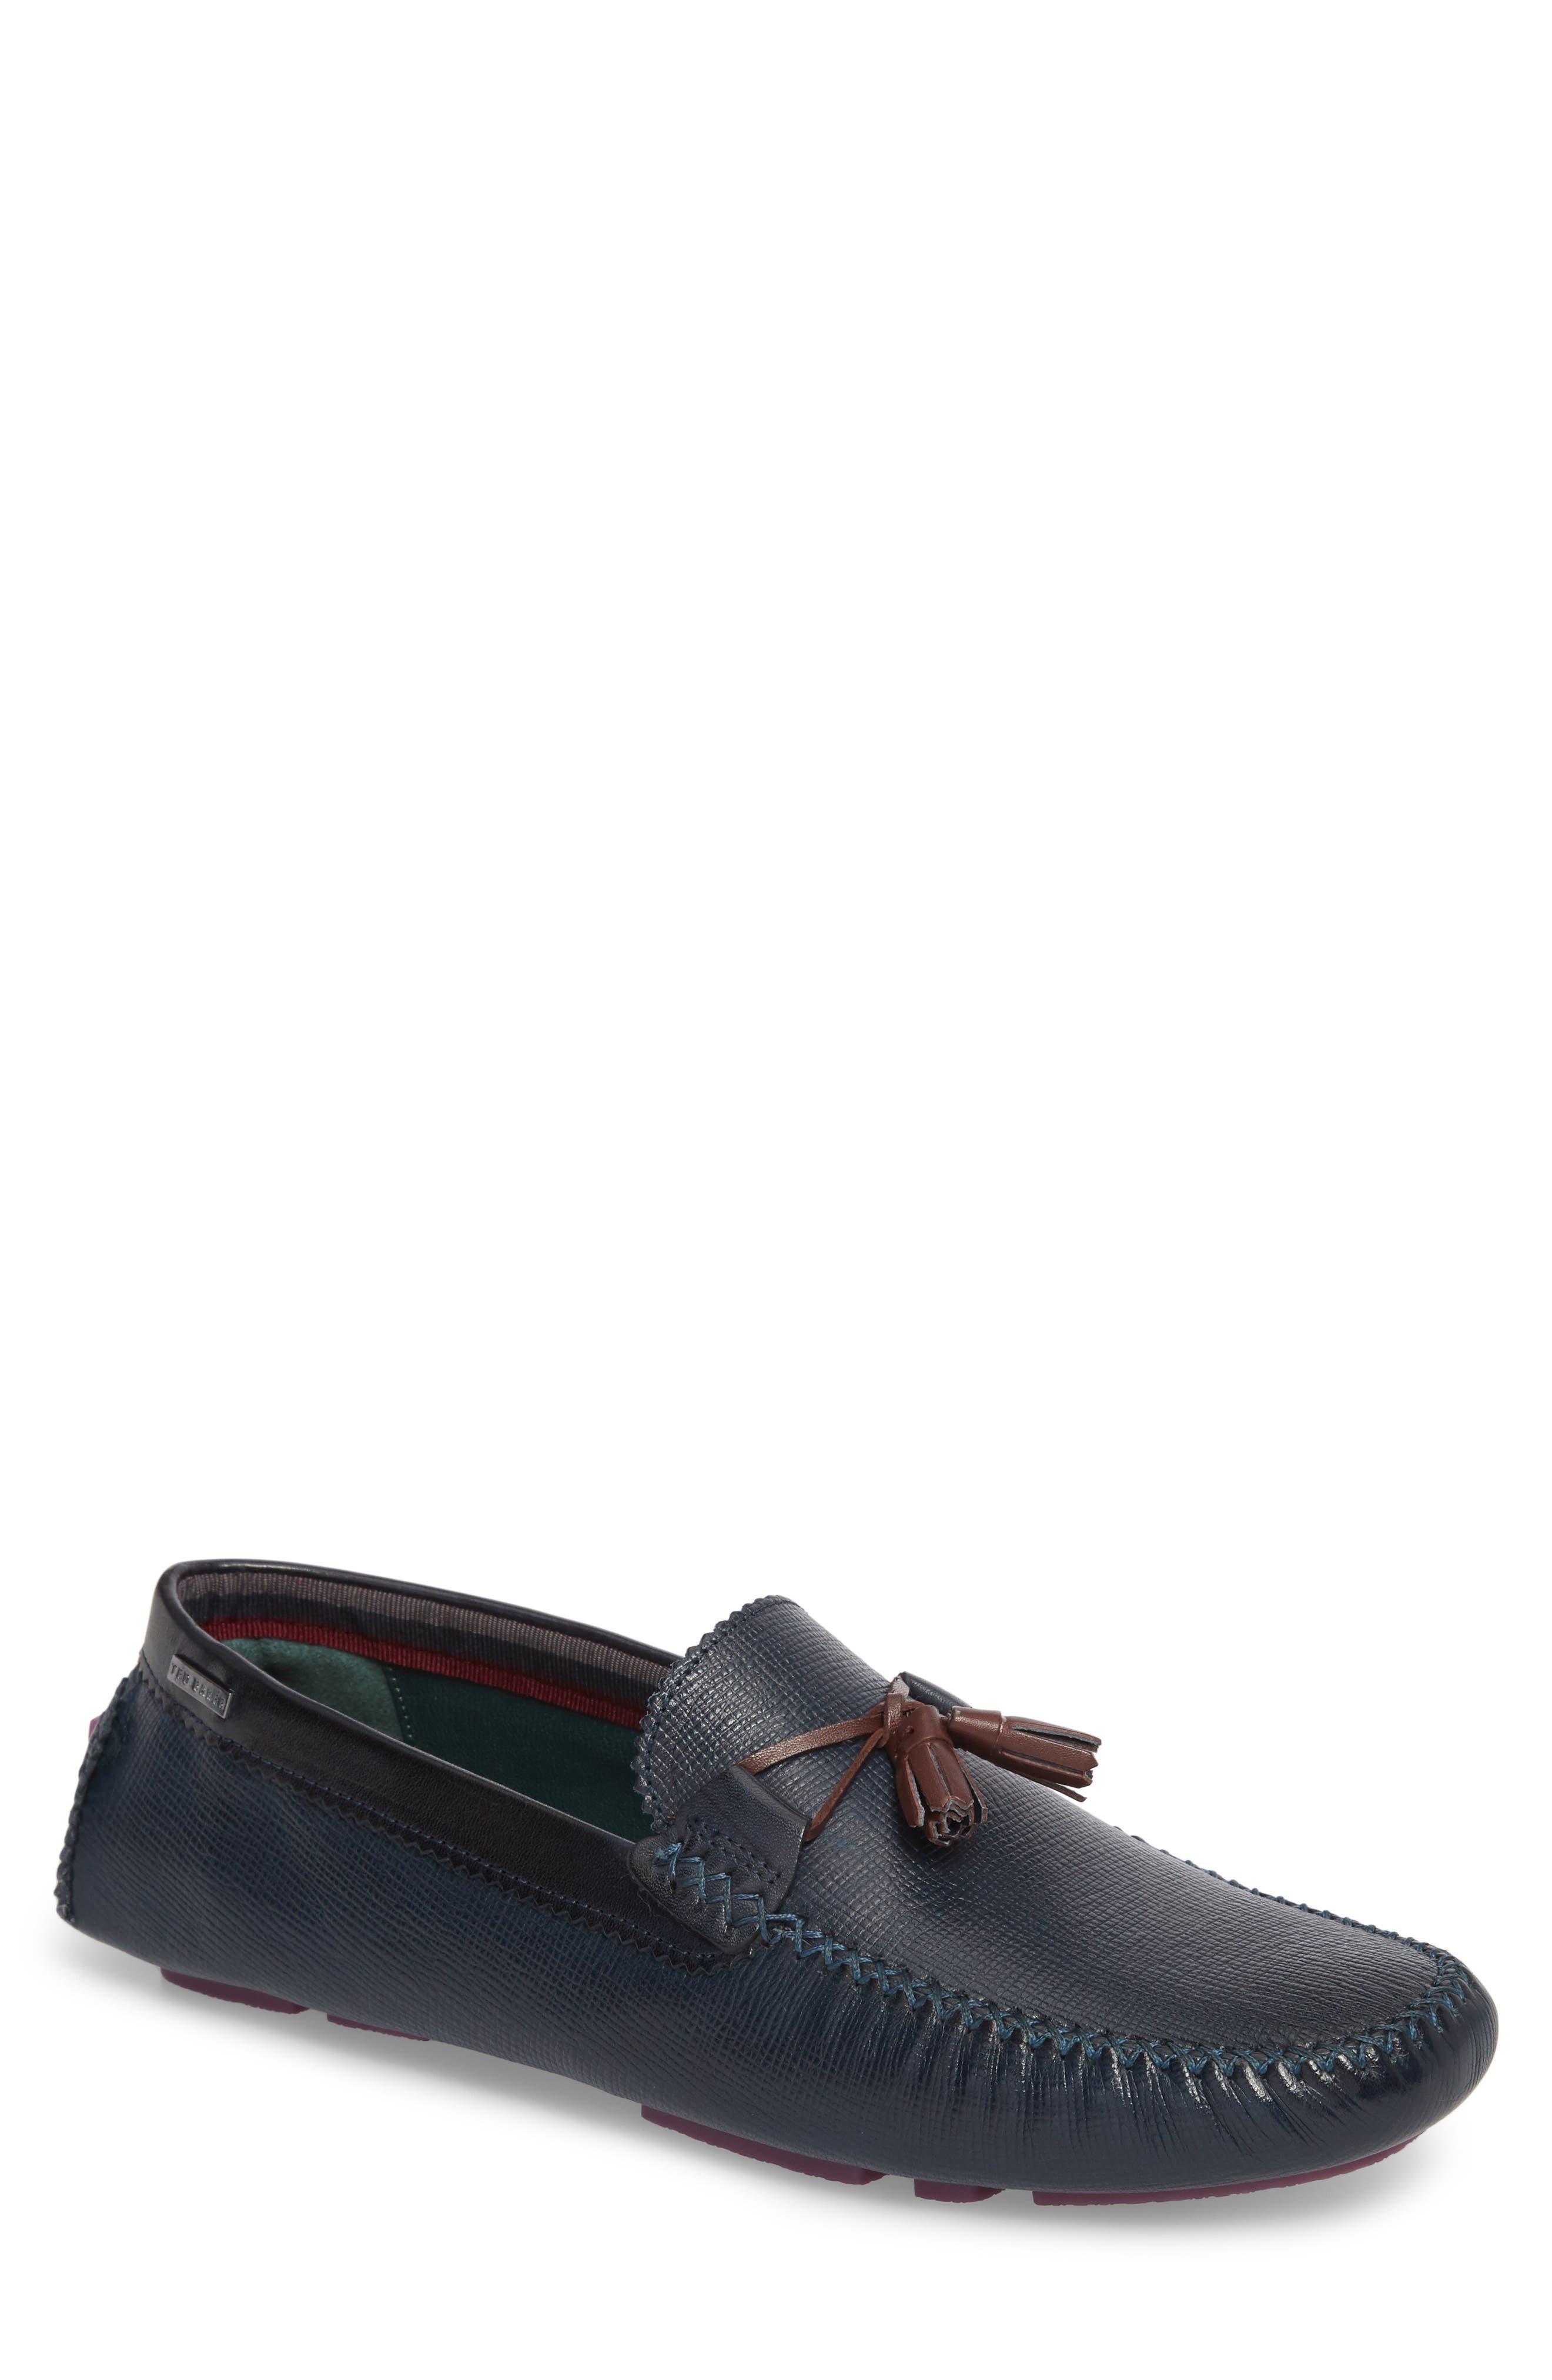 Urbonn Tasseled Driving Loafer,                         Main,                         color, 416